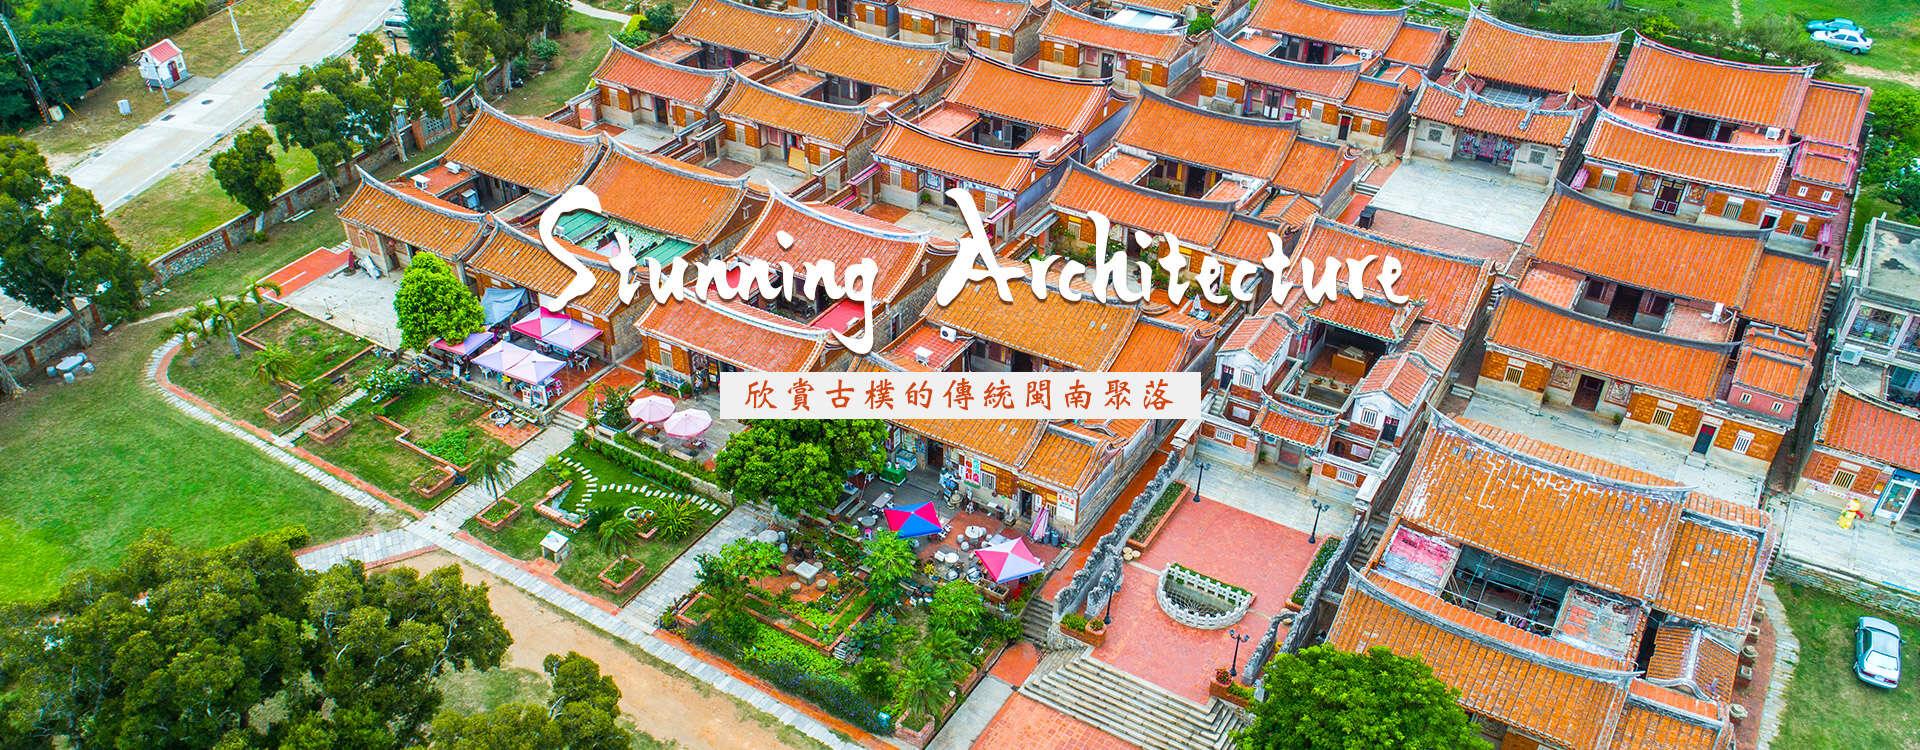 欣賞古樸的傳統閩南聚落